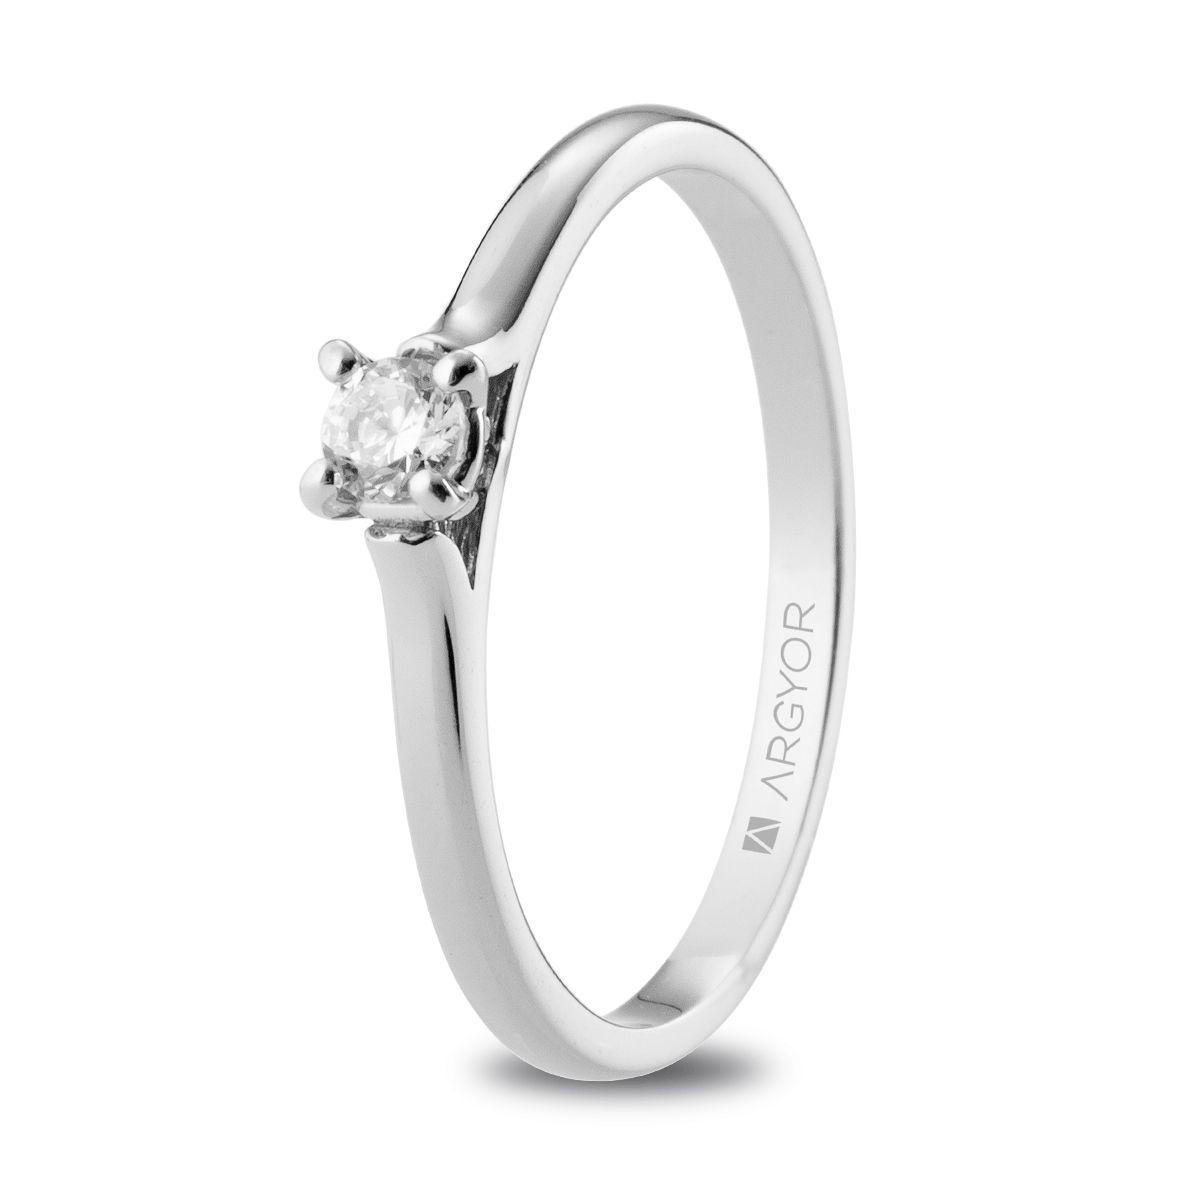 c933e70c0d3a Anillo de compromiso Argyor o. blanco 1 diamante 0.10ct. Sortija un diamante  0.10